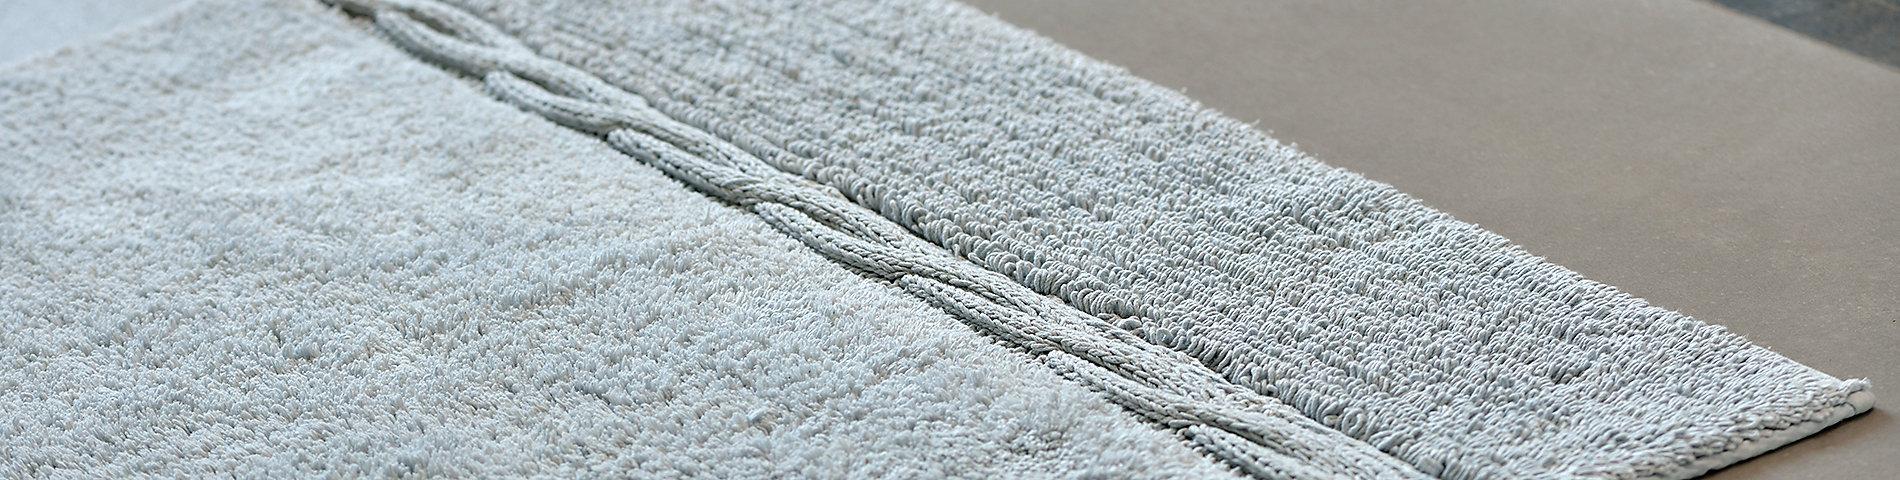 Badtextilien wie Handtücher und Badteppiche aus 100% Baumwolle